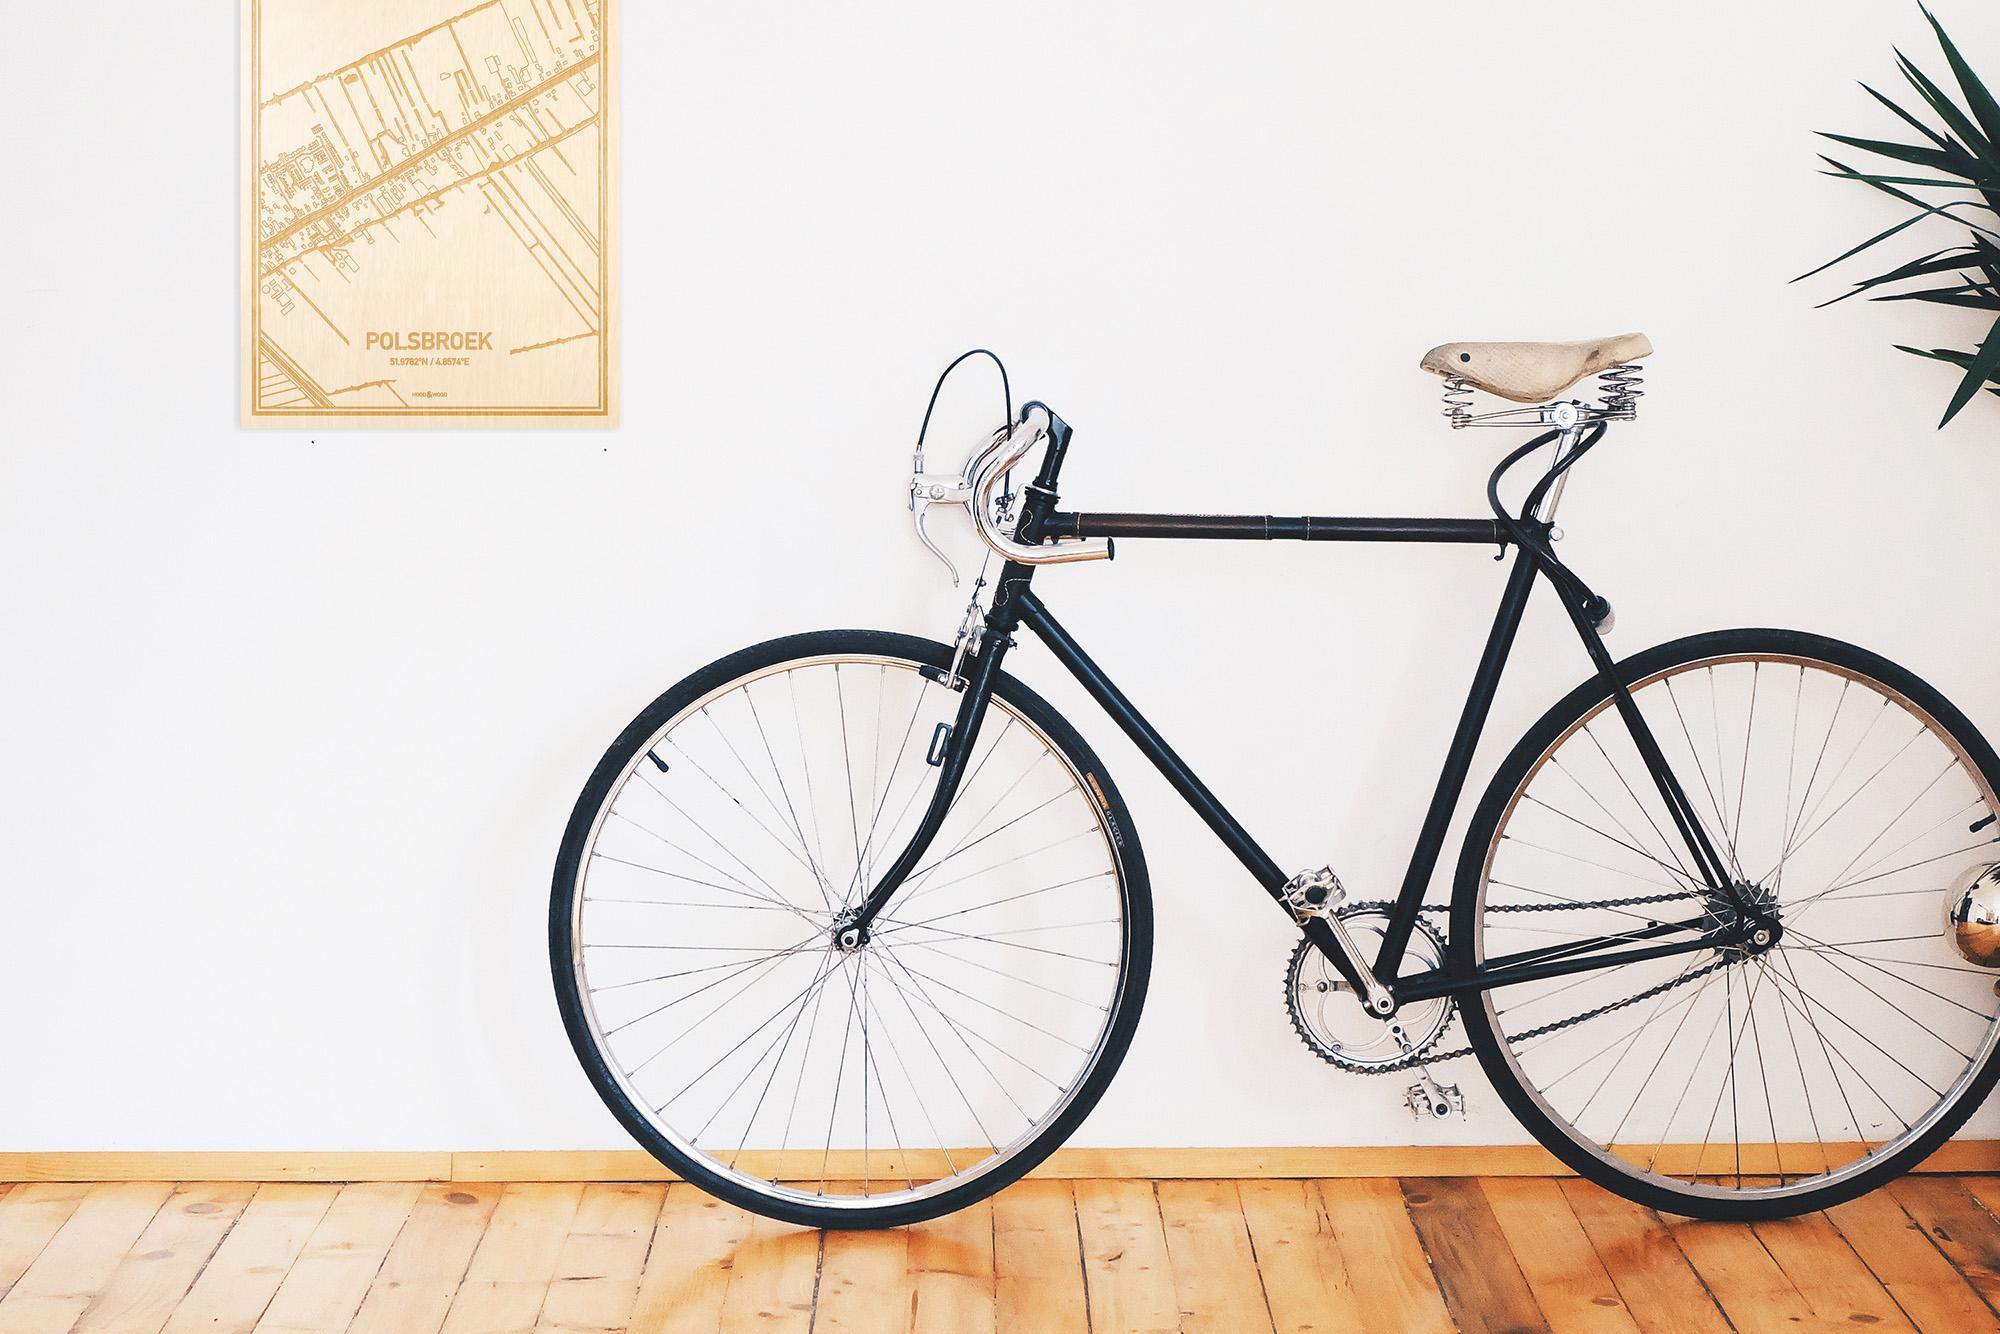 Een snelle fiets in een uniek interieur in Utrecht met mooie decoratie zoals de plattegrond Polsbroek.